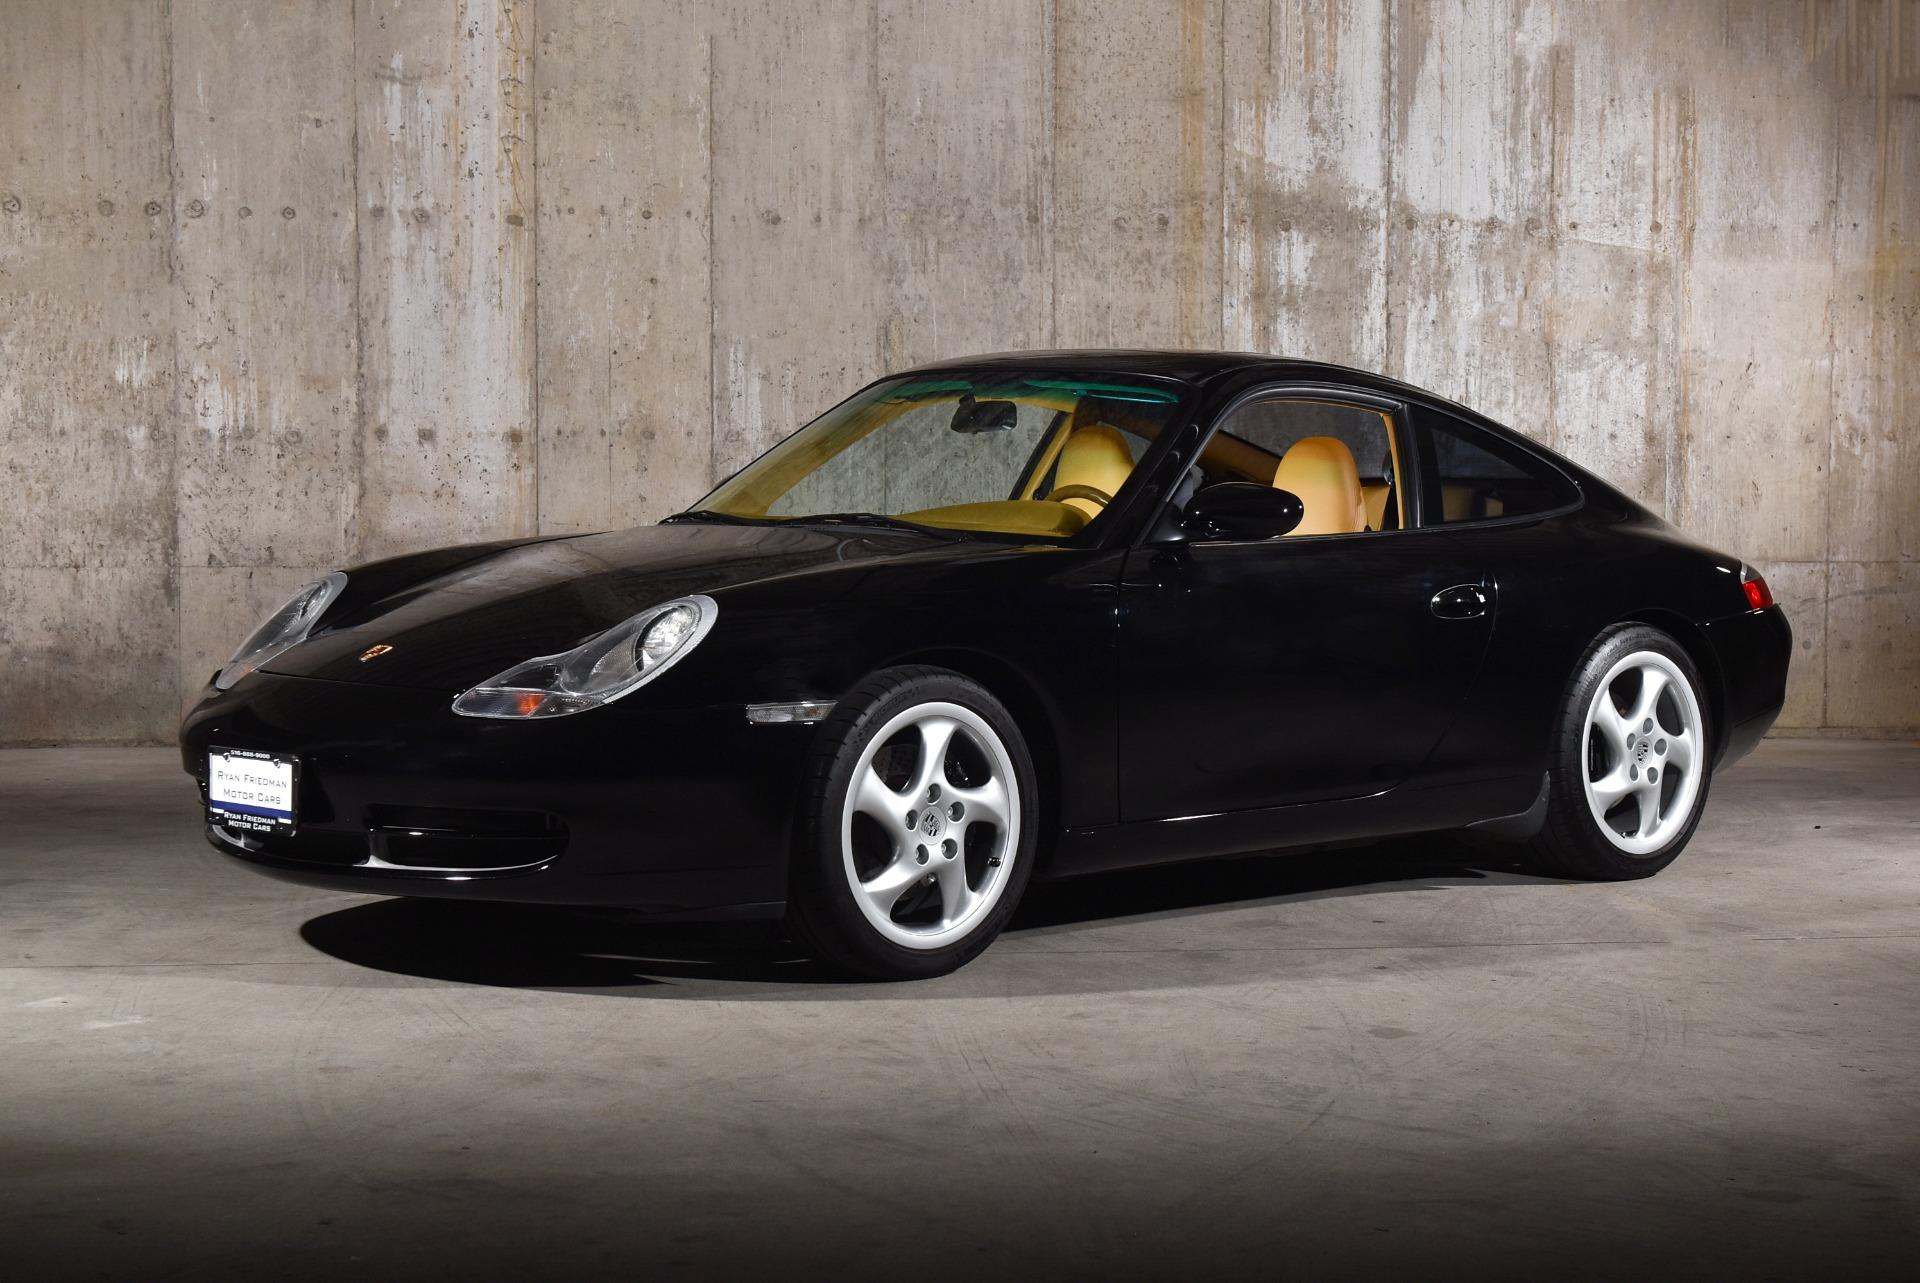 Used 2000 Porsche 911 Carrera | Glen Cove, NY